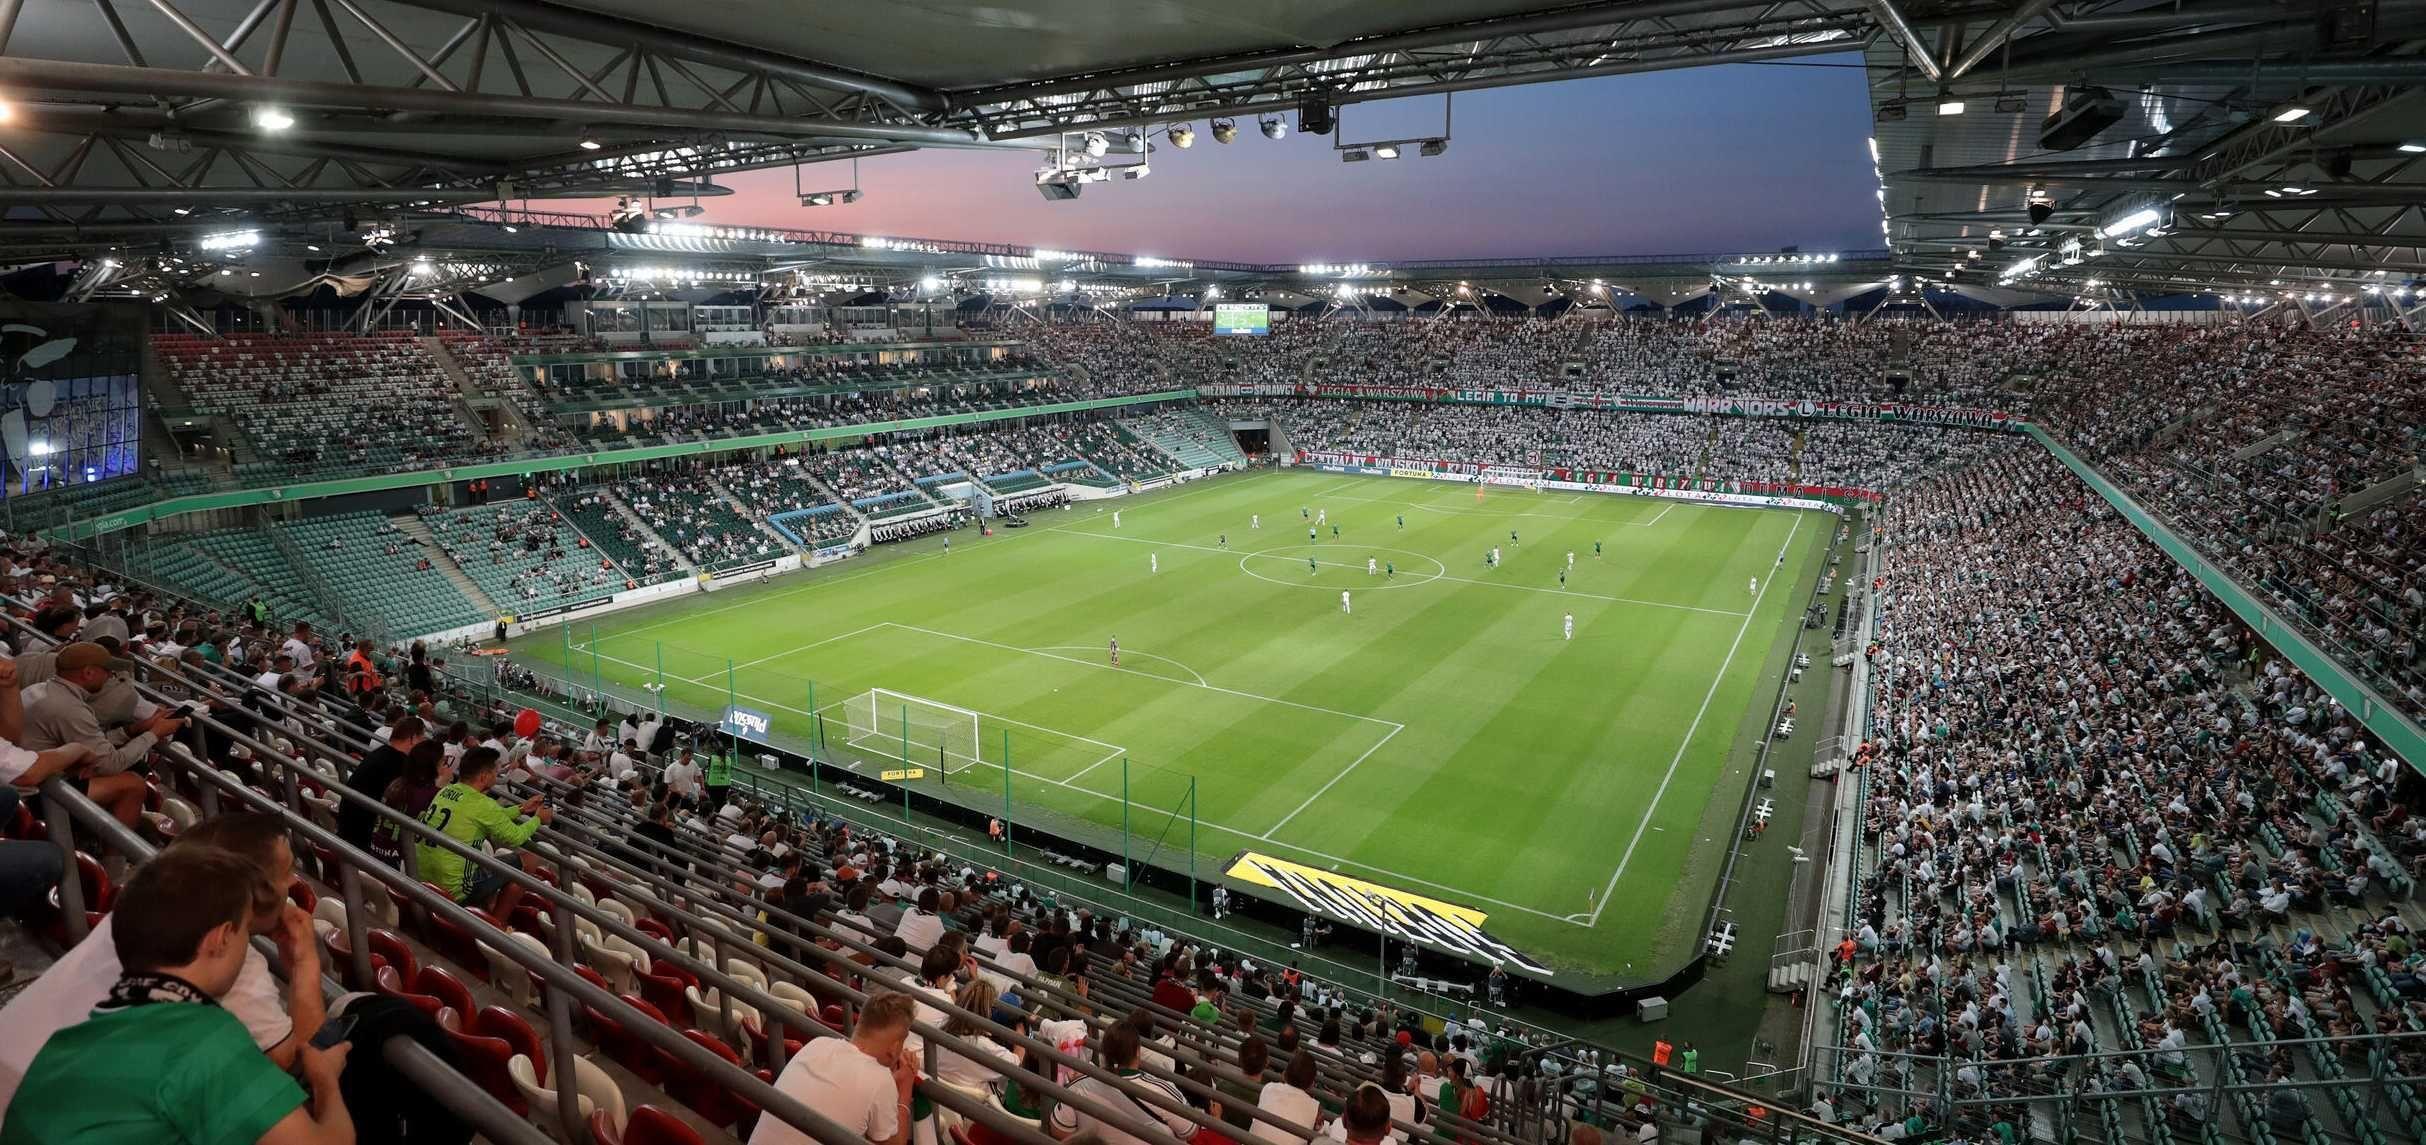 Złóż życzenia na telebimie podczas meczu Legia Warszawa - Wisła Płock